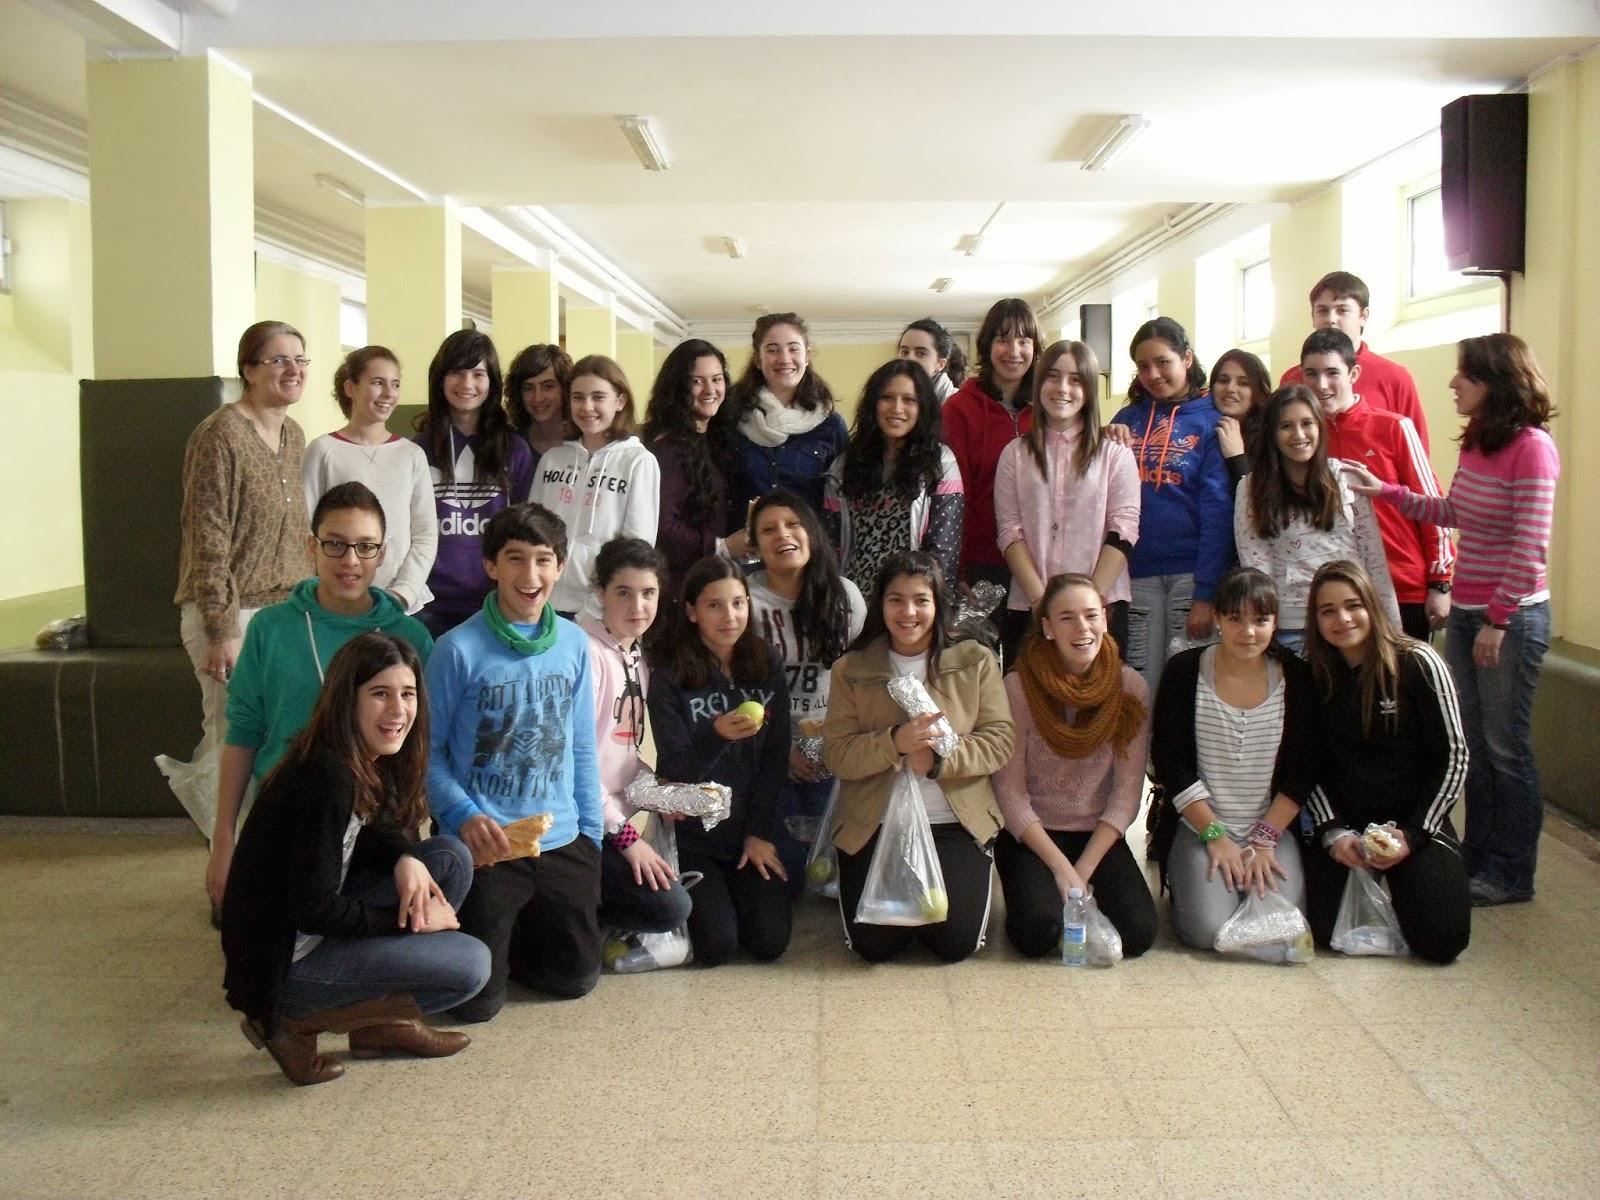 Colegio amor de dios burlada celebraci n del ayuno voluntario - Colegio amor de dios oviedo ...